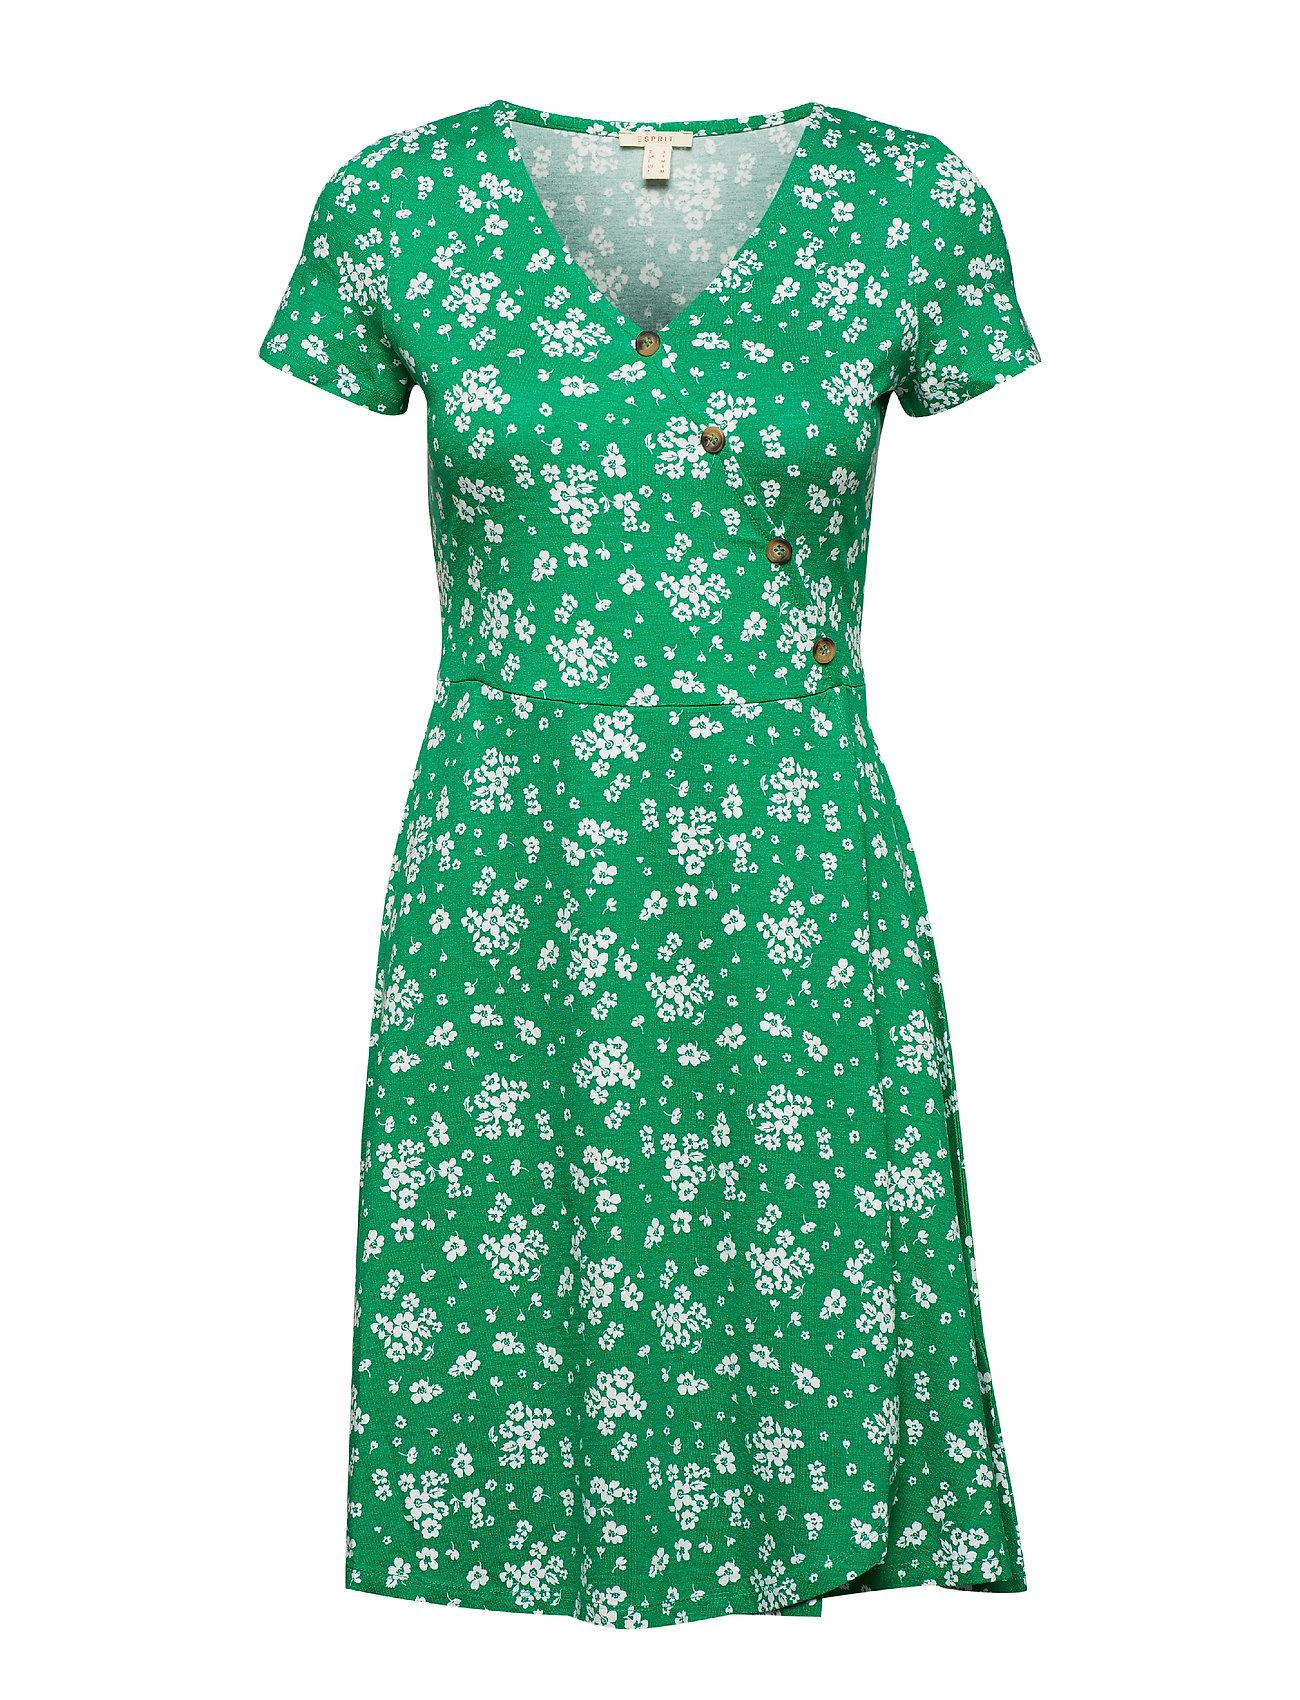 Knittedgreen49 Dresses Knittedgreen49 Dresses 99 Knittedgreen49 99 Dresses fYbgv6y7